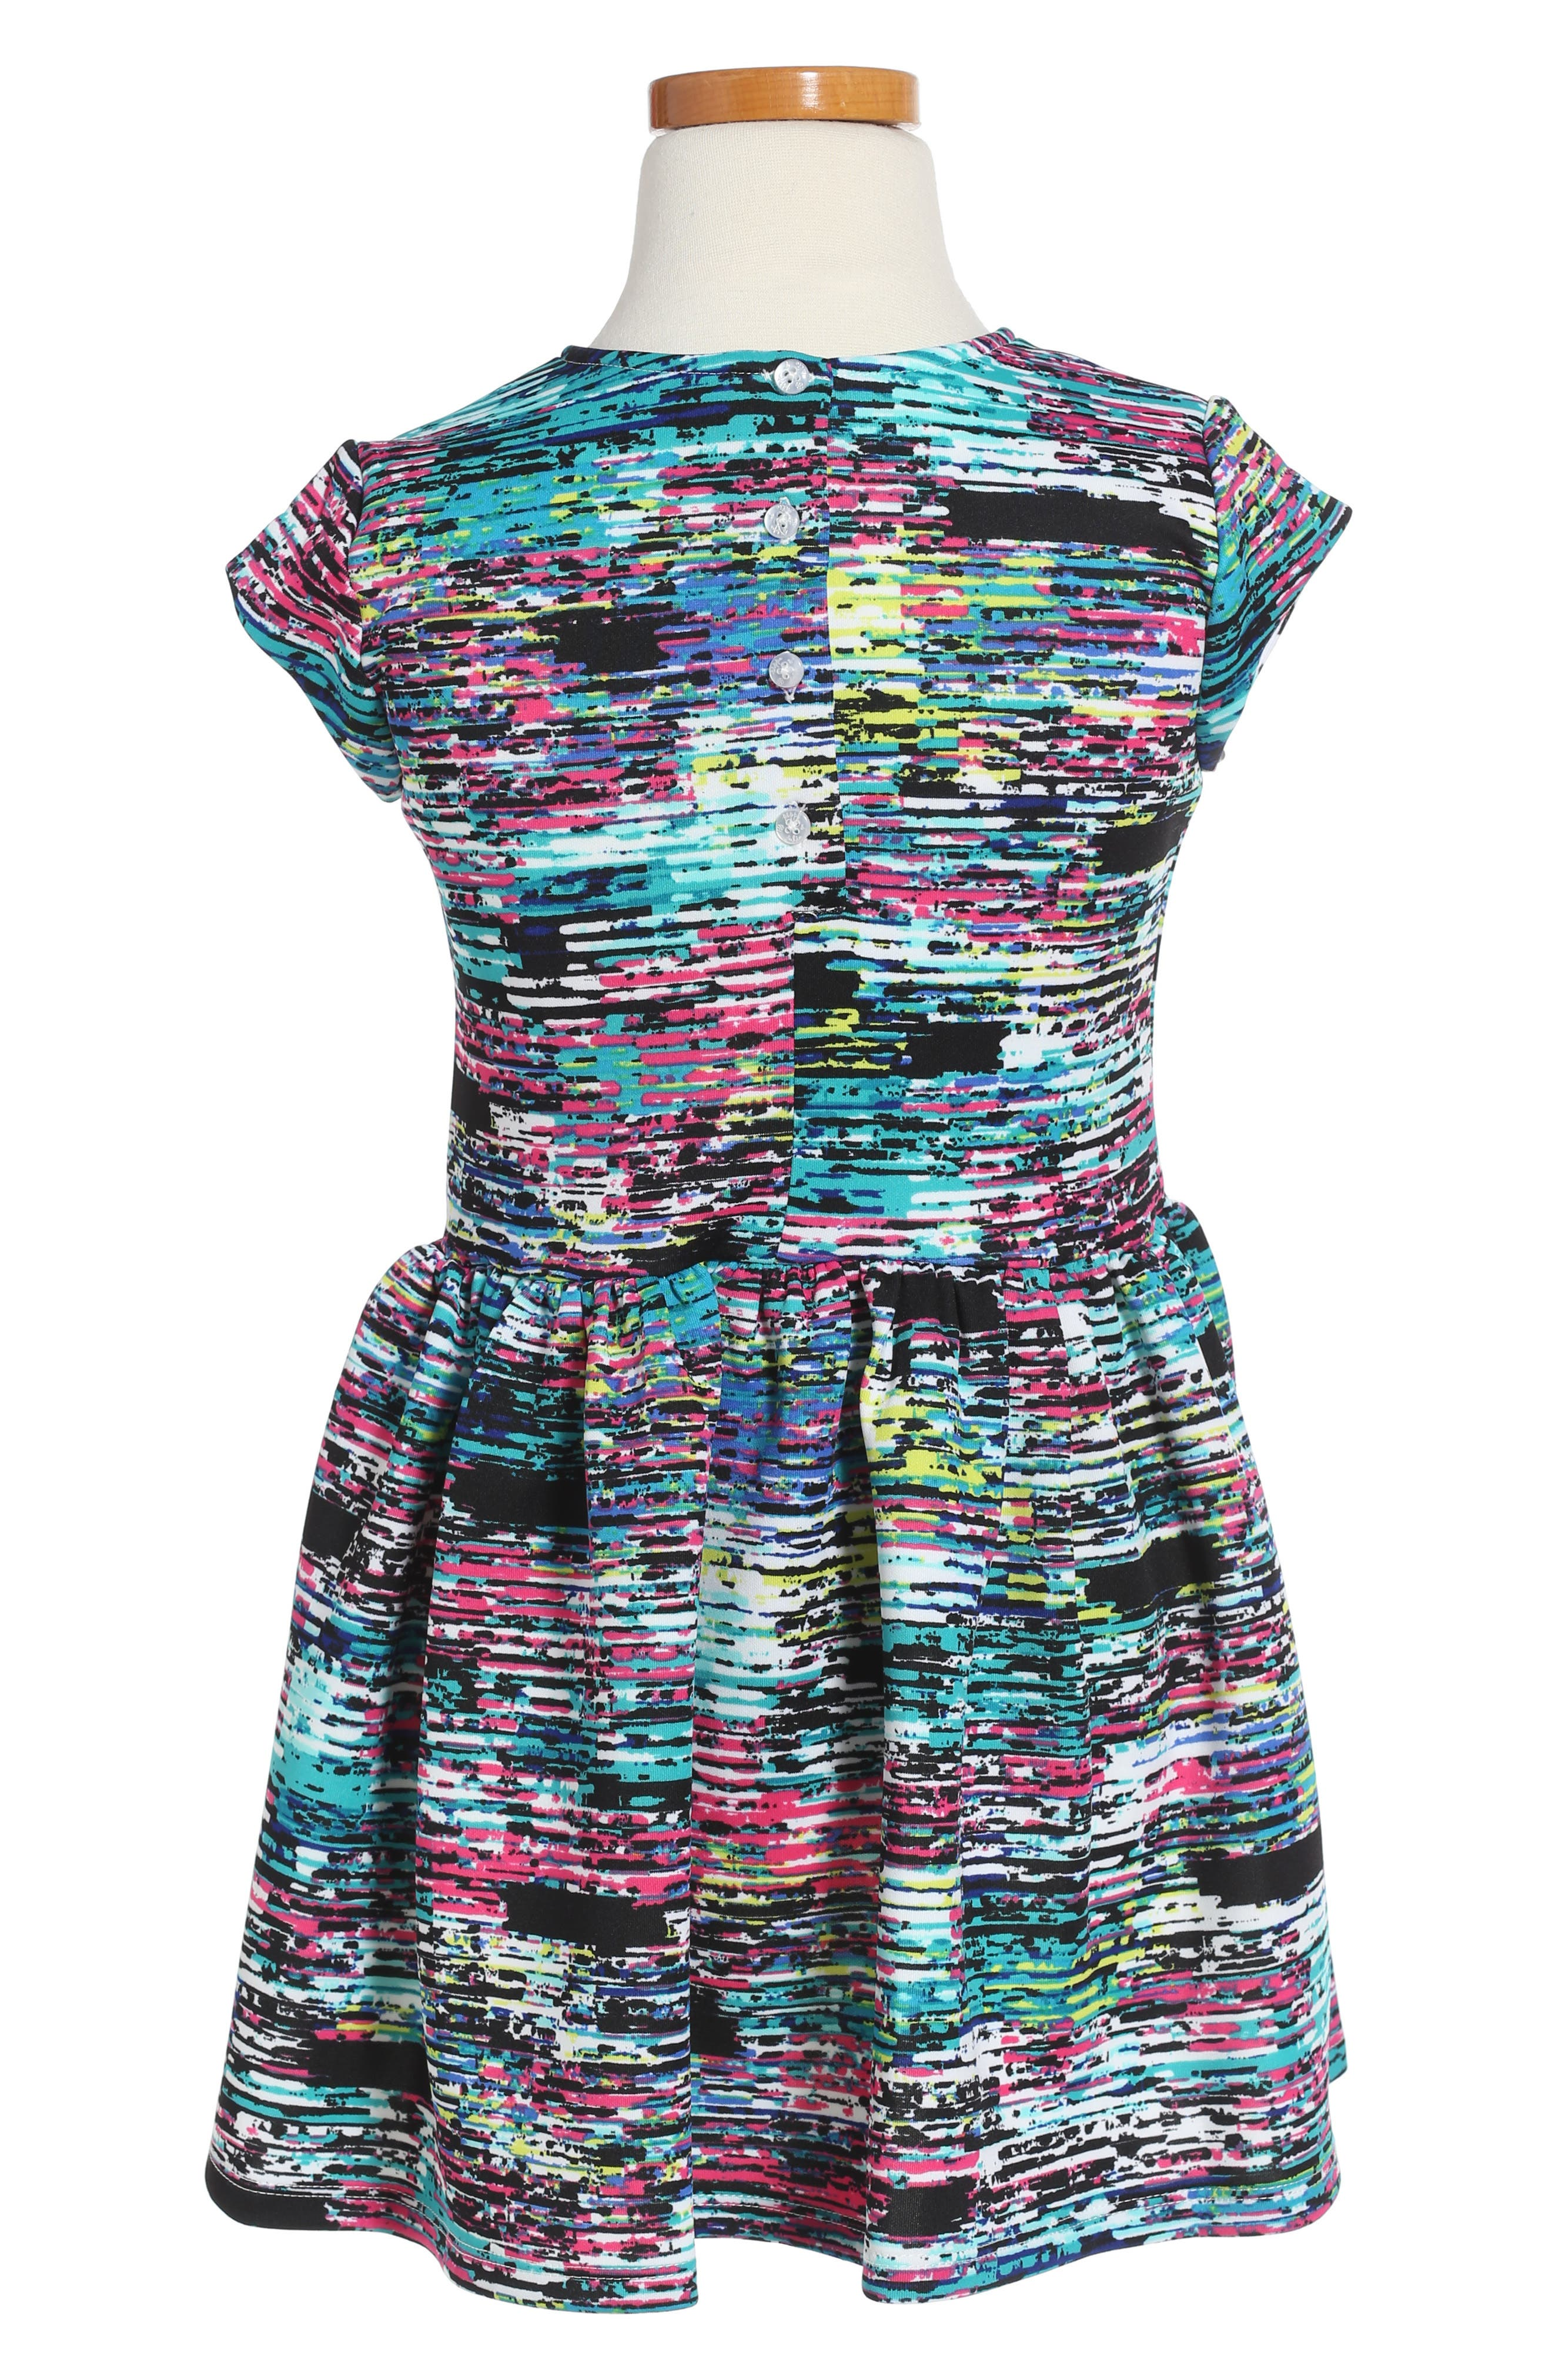 Alternate Image 2  - Pippa & Julie Print Scuba Dress (Toddler Girls & Little Girls)